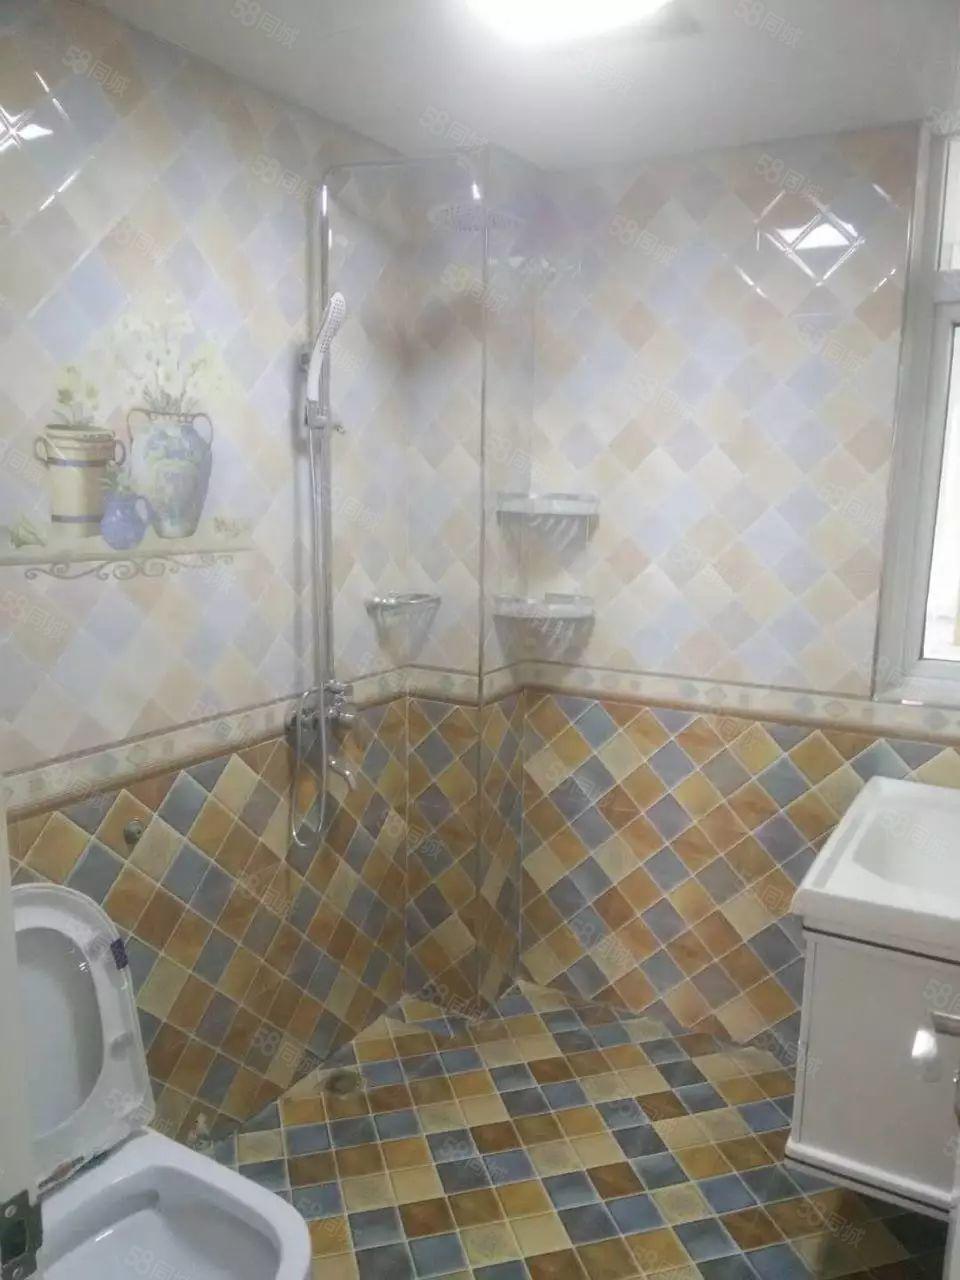 王土楼,单身公寓,带有独立卫生间,空调热水器!